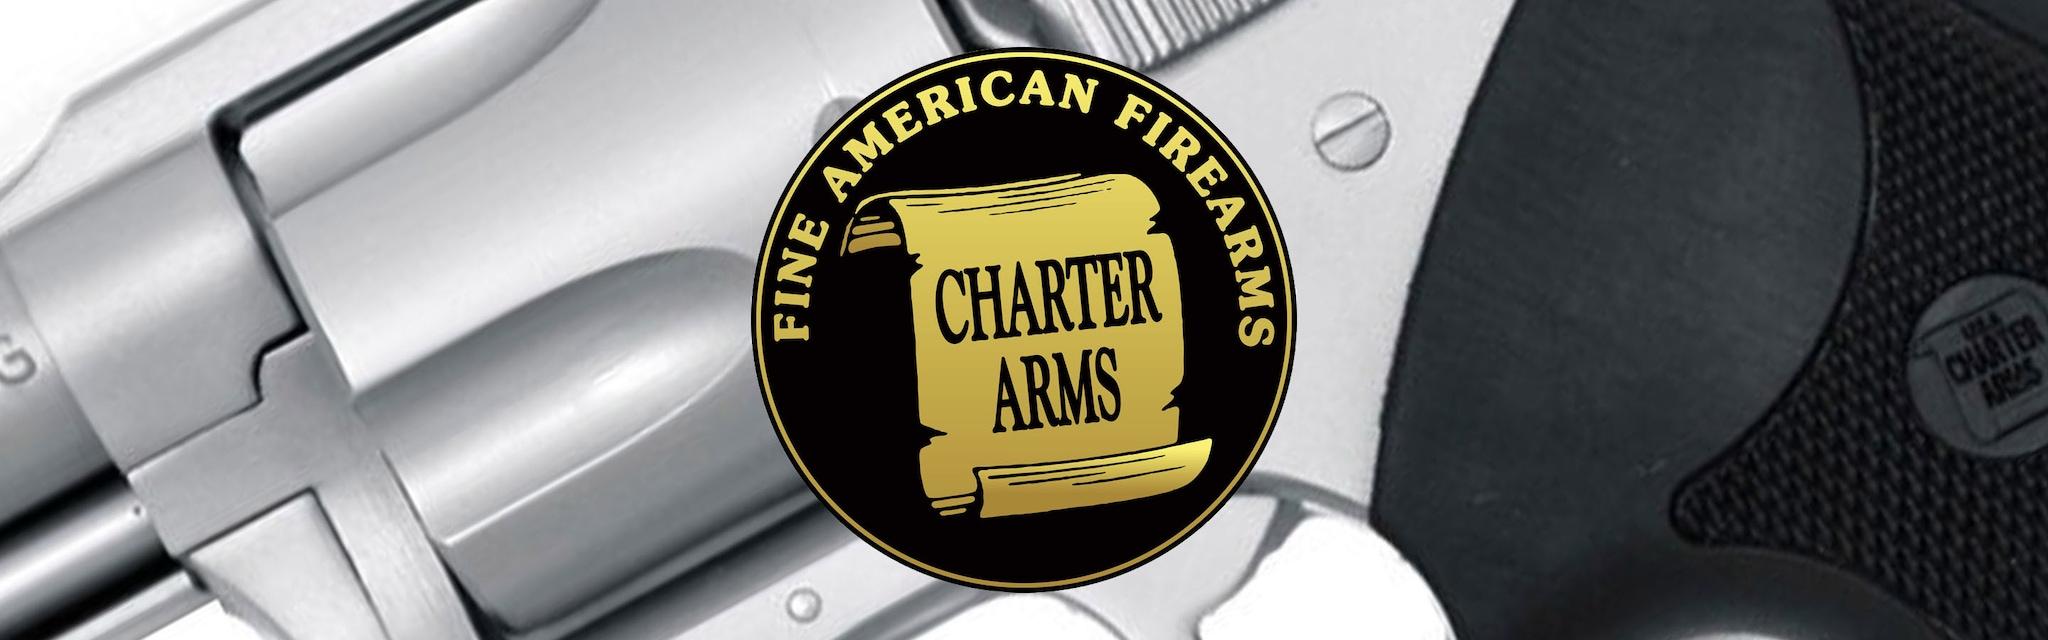 Charter Arms brand image